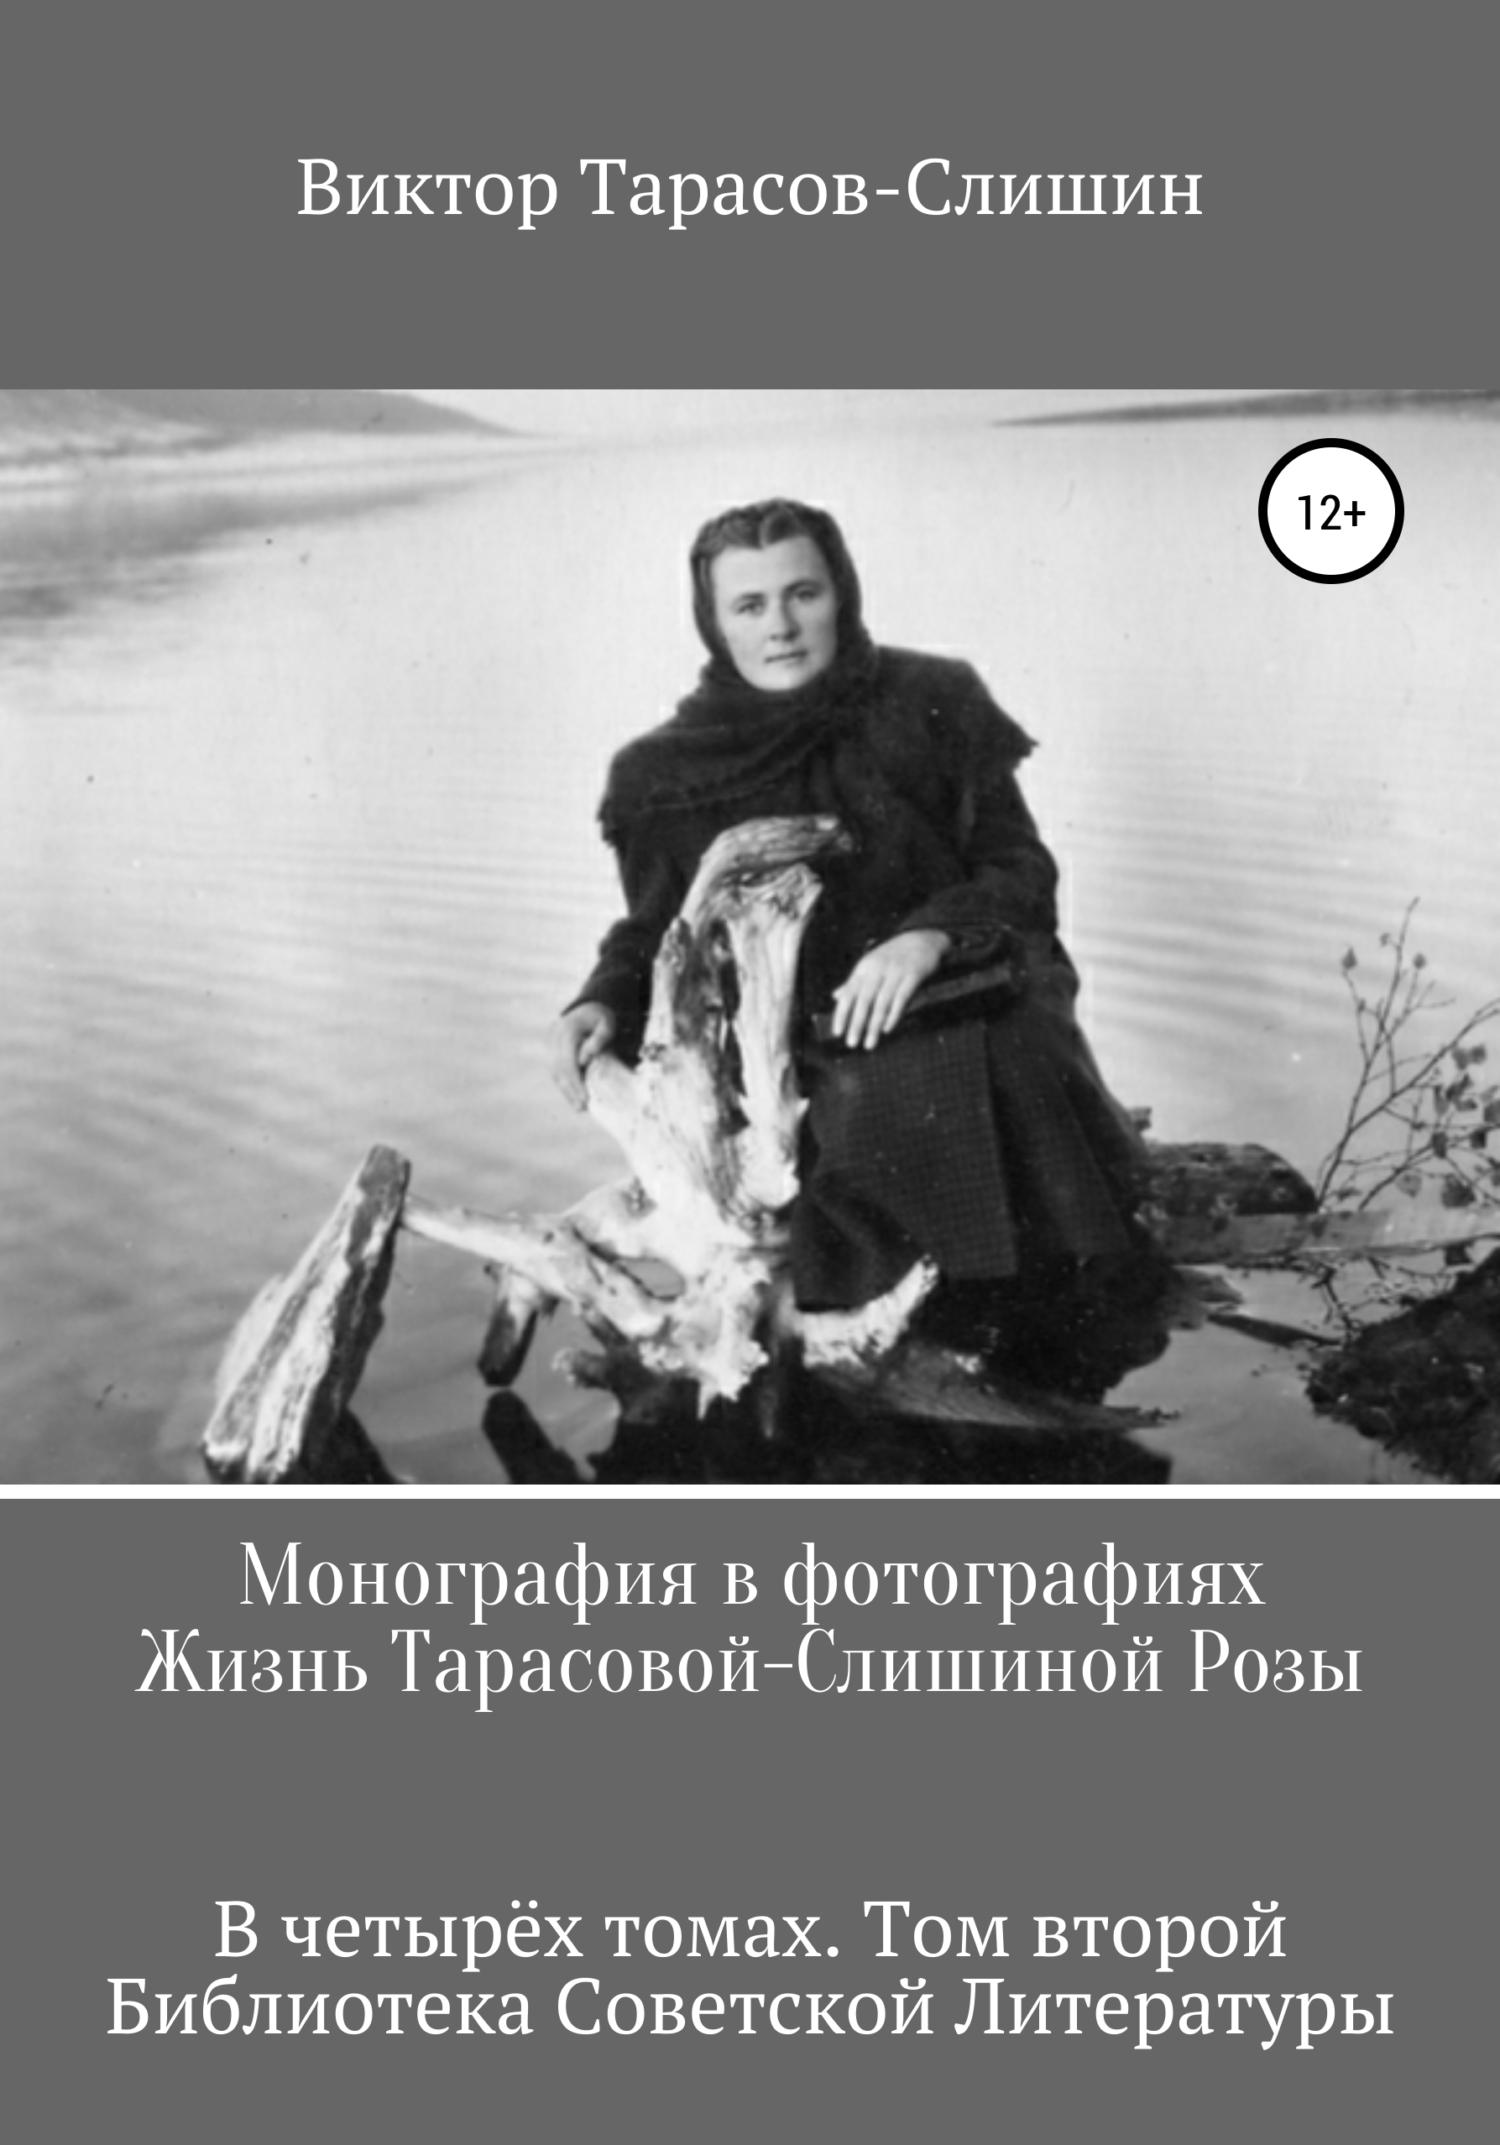 Виктор Тарасов-Слишин - Монография в фотографиях. Жизнь Тарасовой-Слишиной Розы. В четырёх томах. Том второй